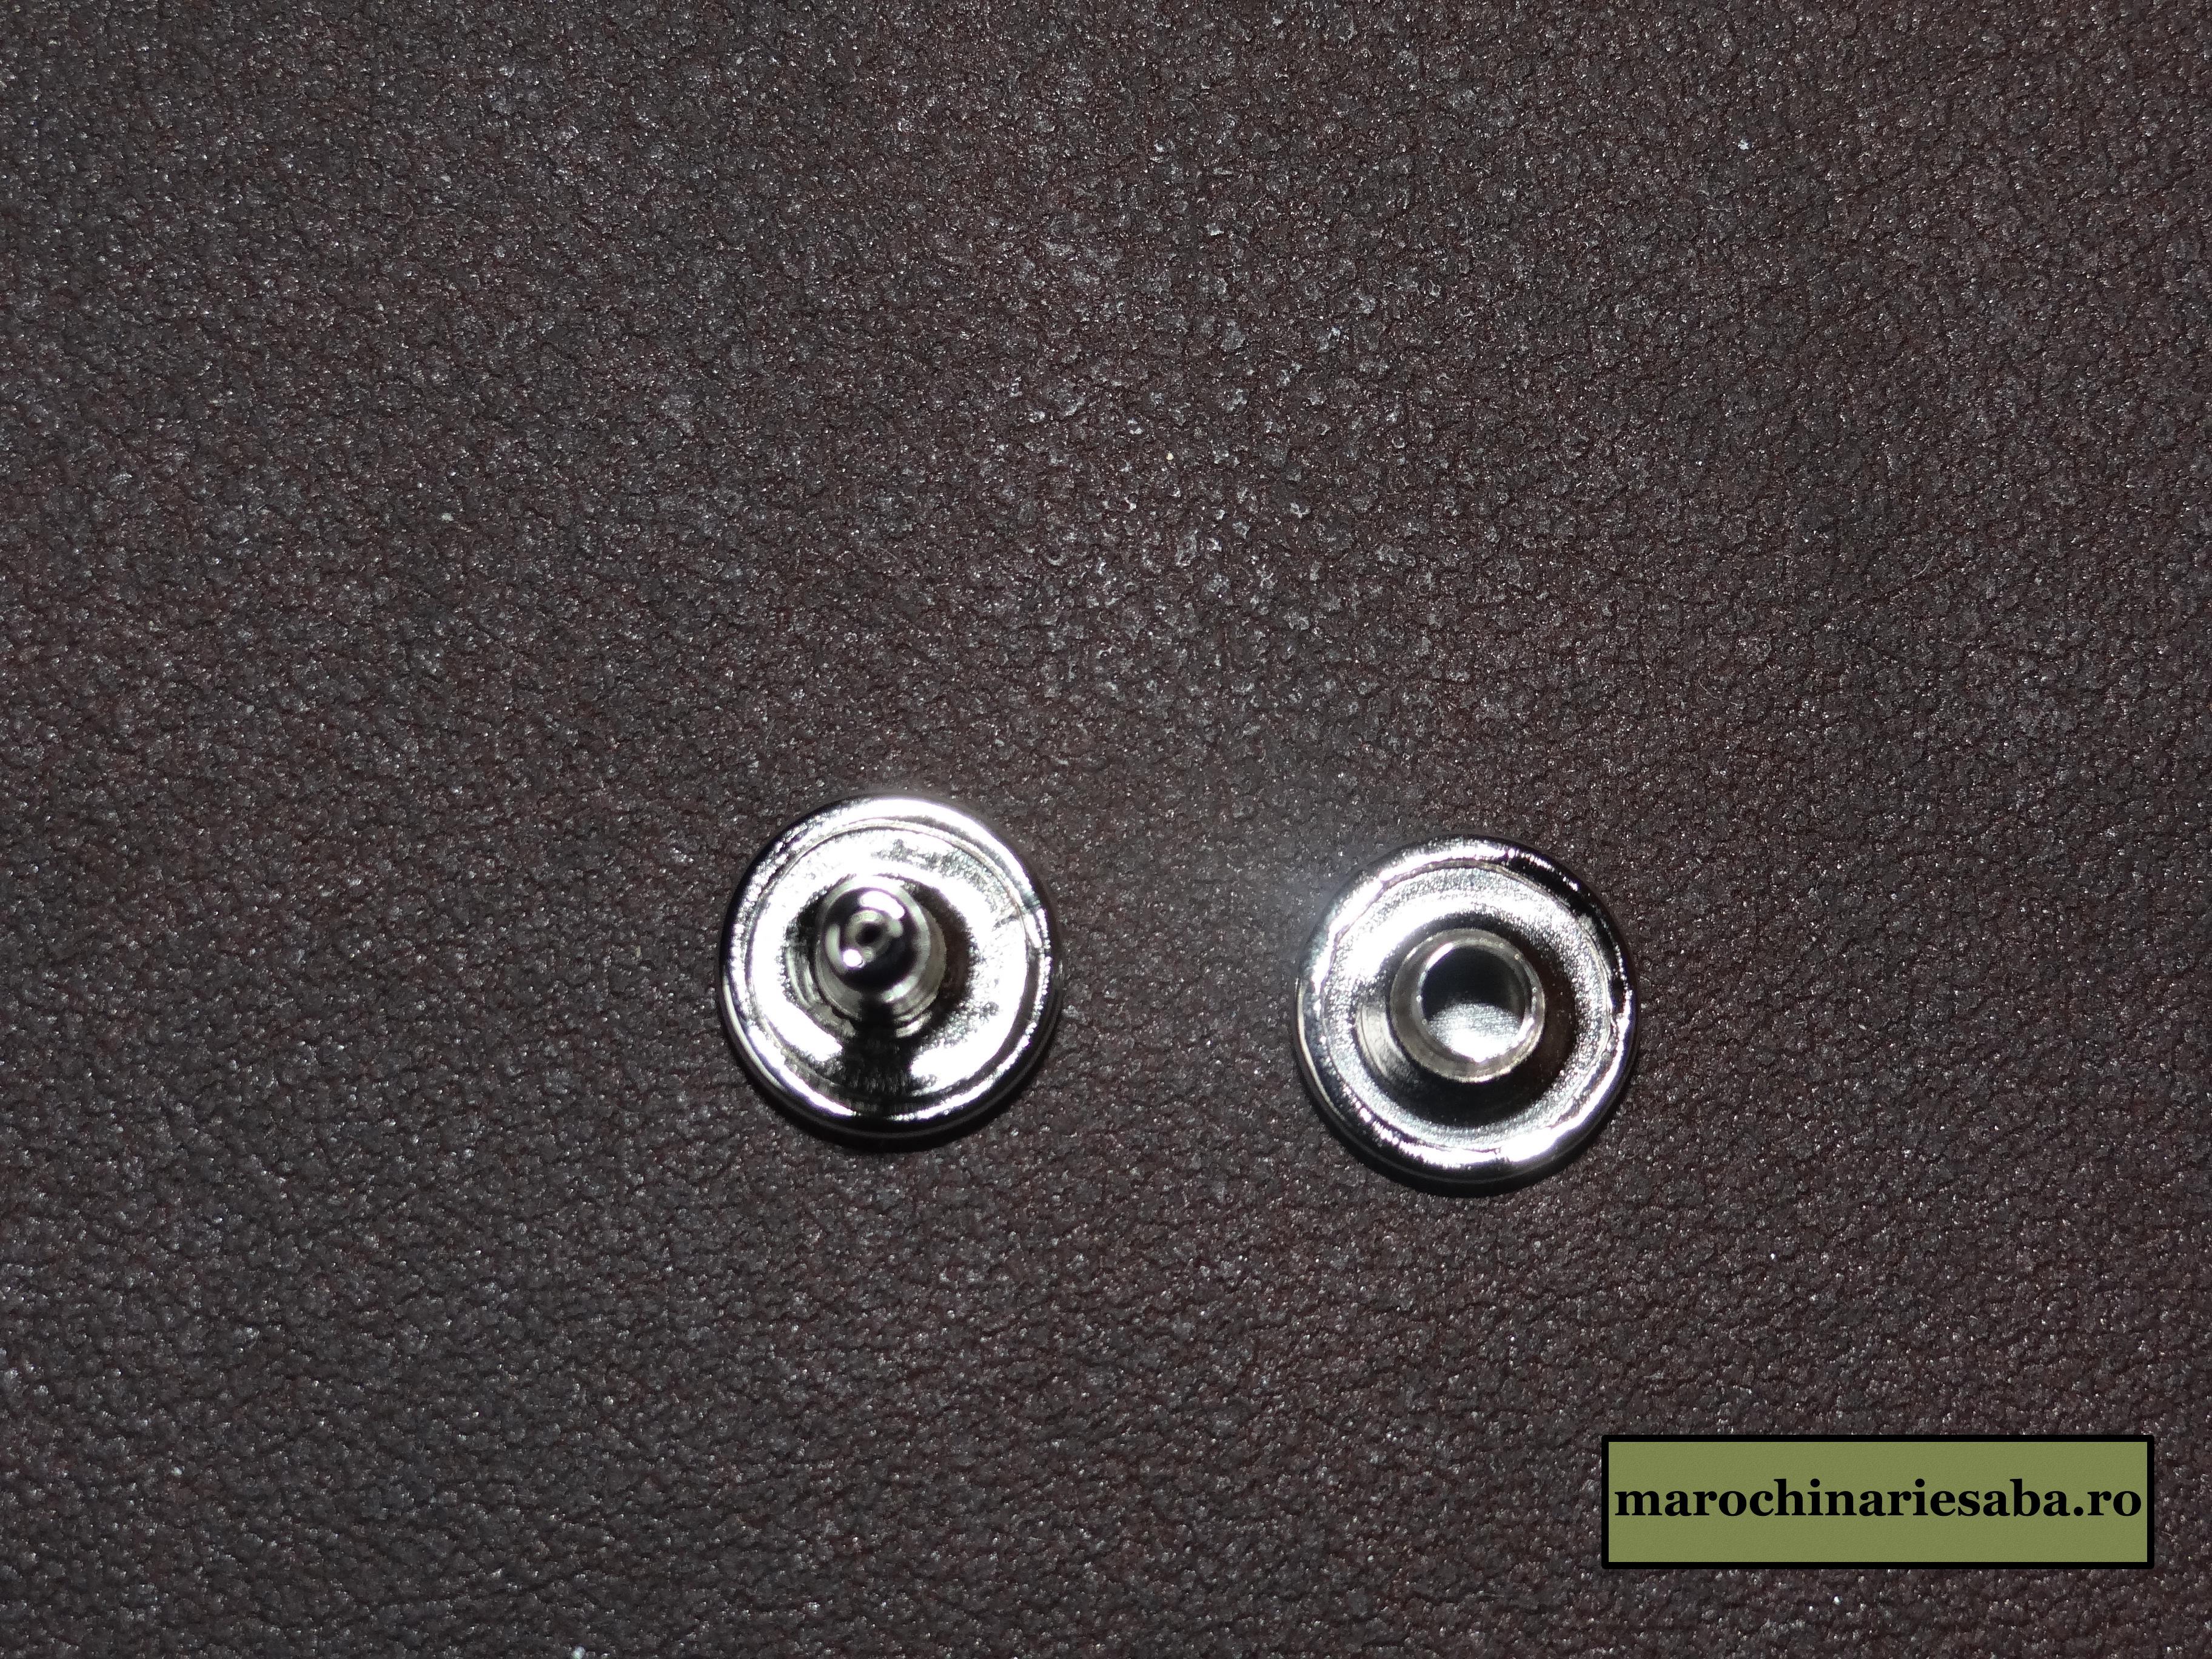 saba-butoni-rapizi-nichel-spta0114